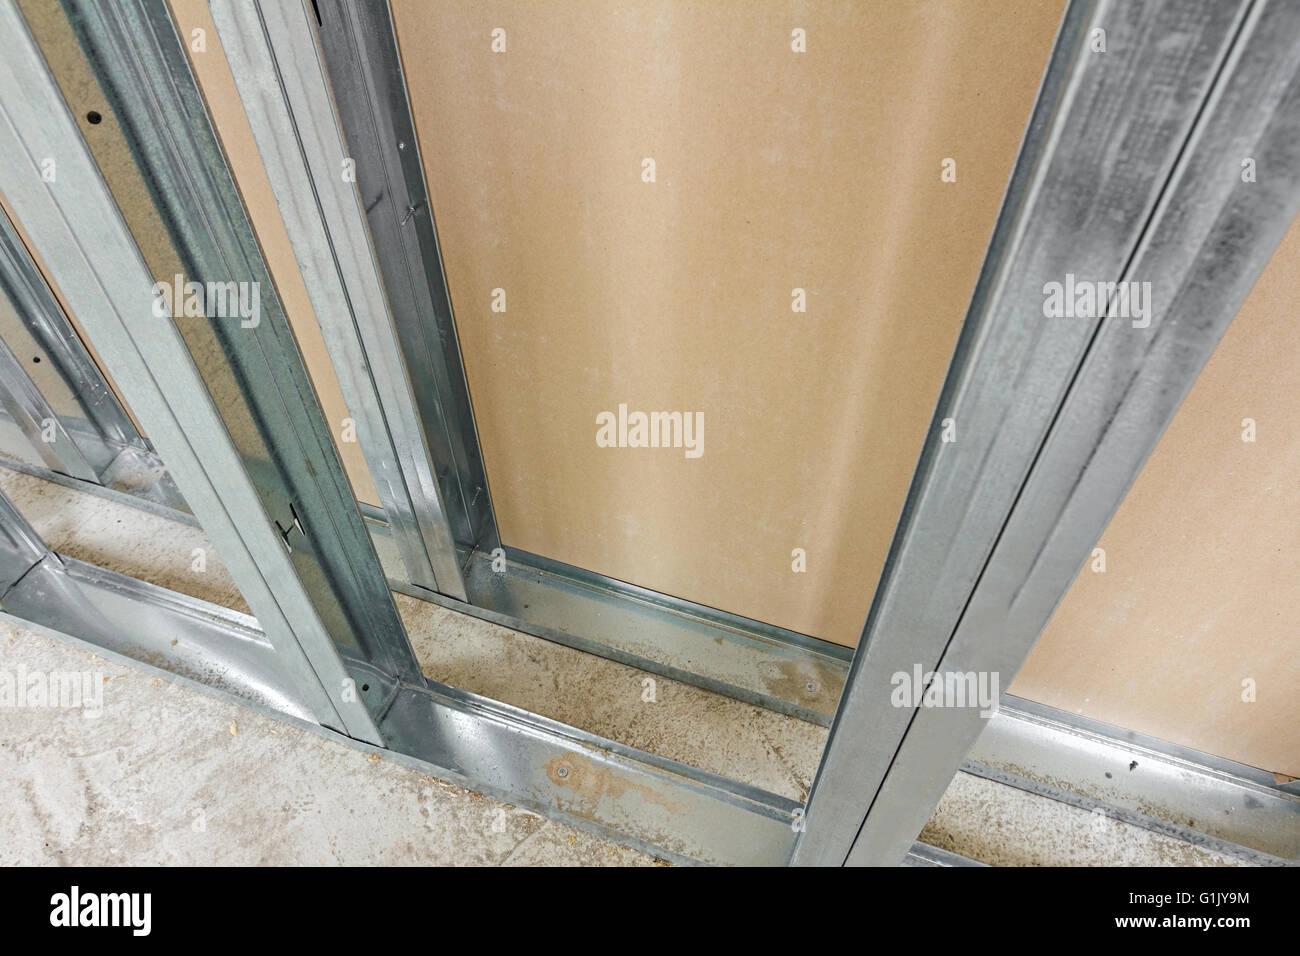 Rahmen für Gipskarton. Gips-Wand befindet sich im Aufbau Stockfoto ...